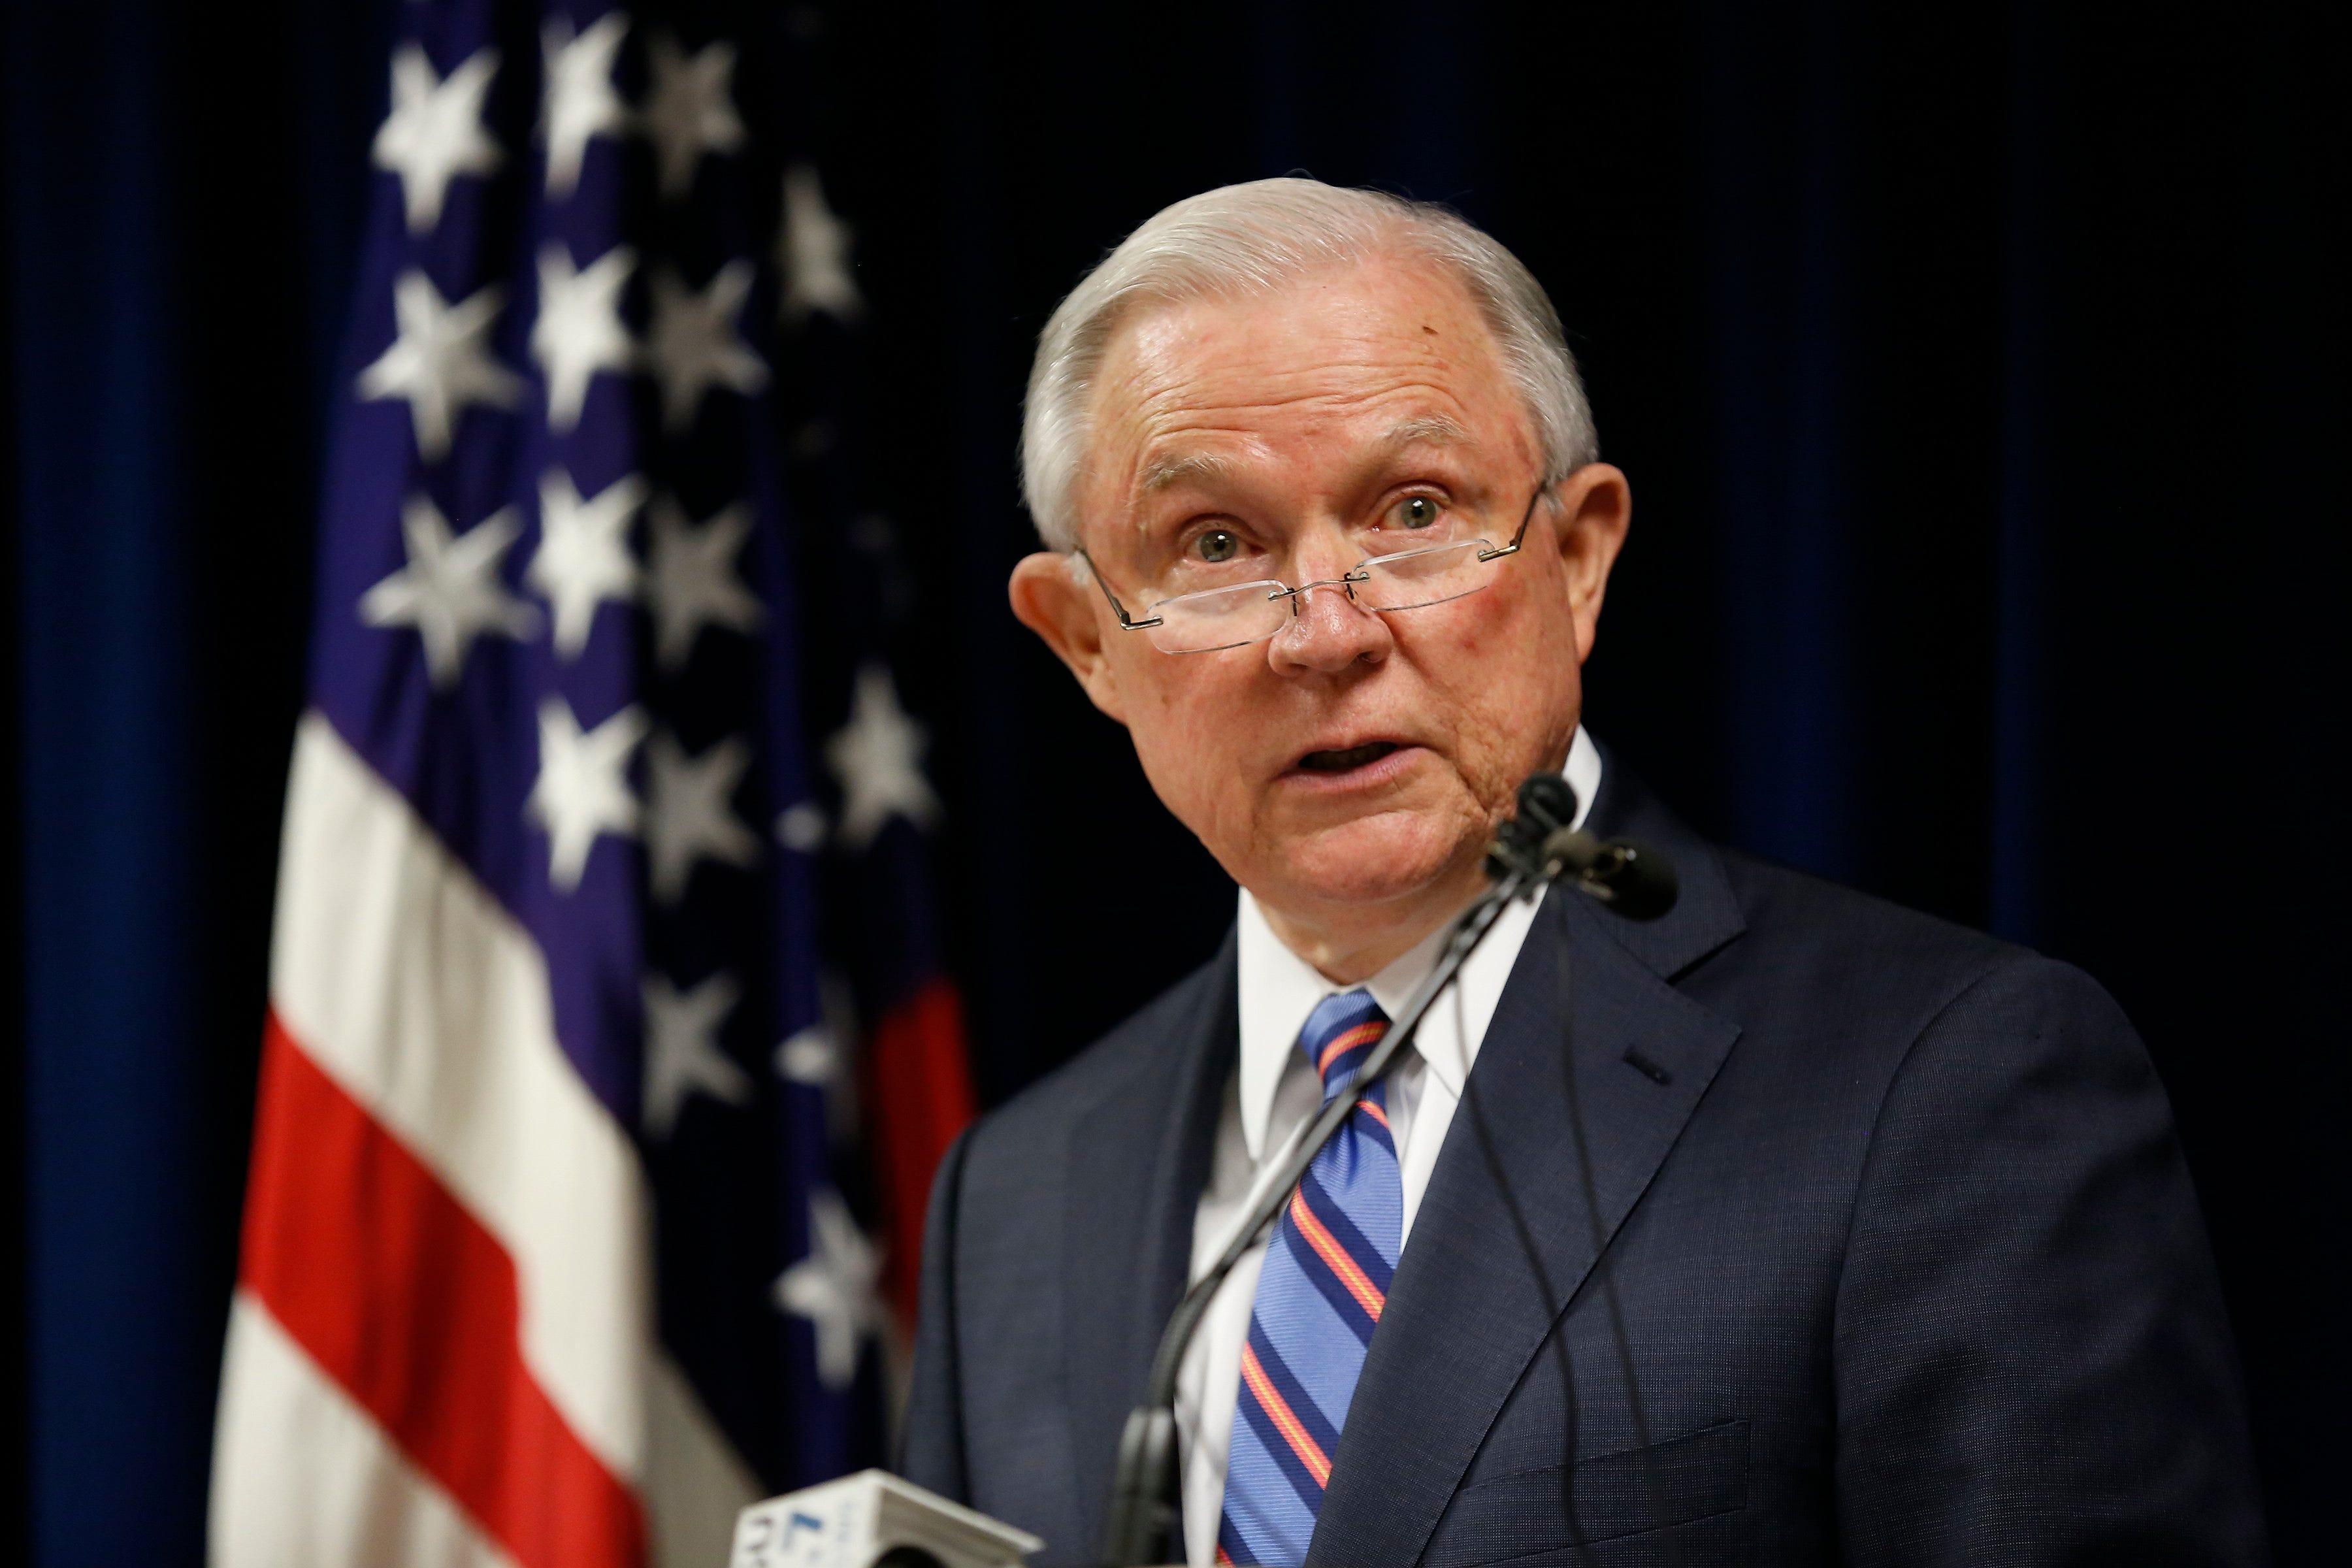 Sessions warns against judicial activism, 'unprecedented reviews'